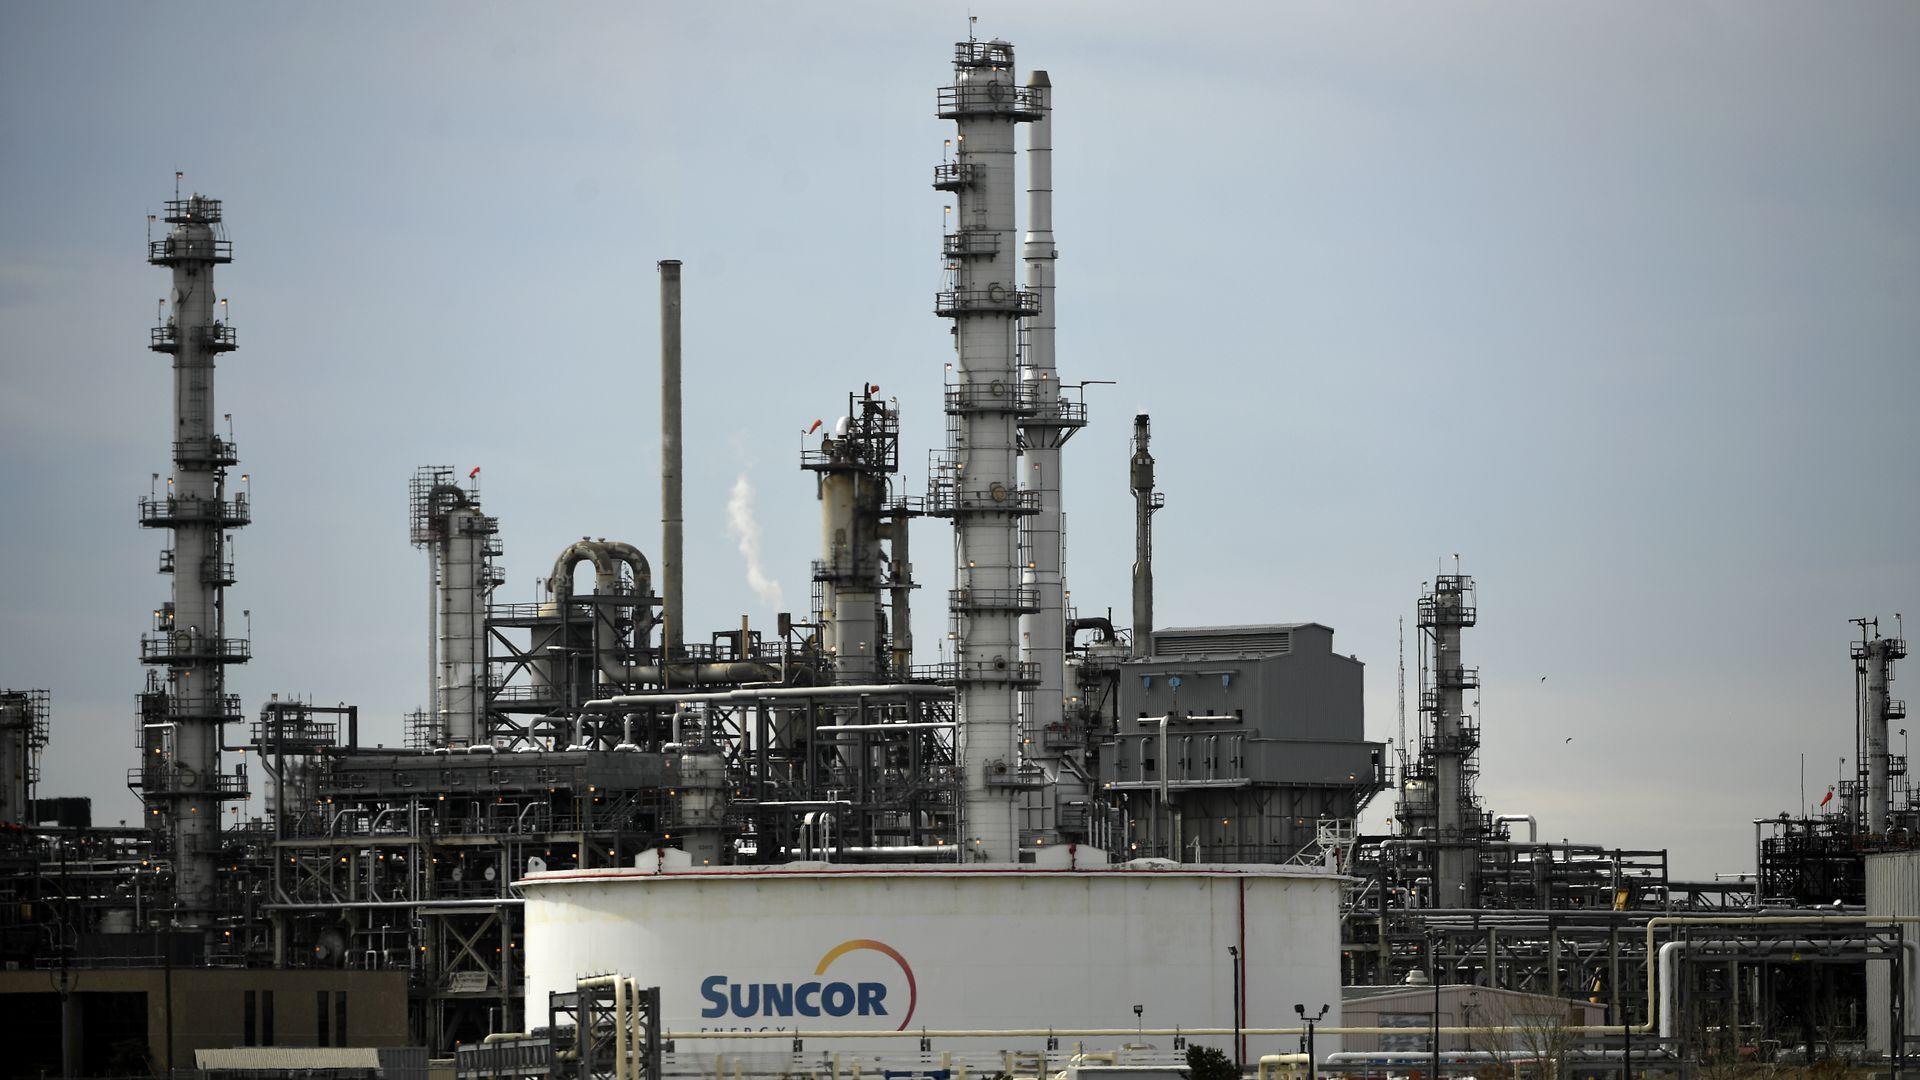 Suncor Refinery in Commerce City